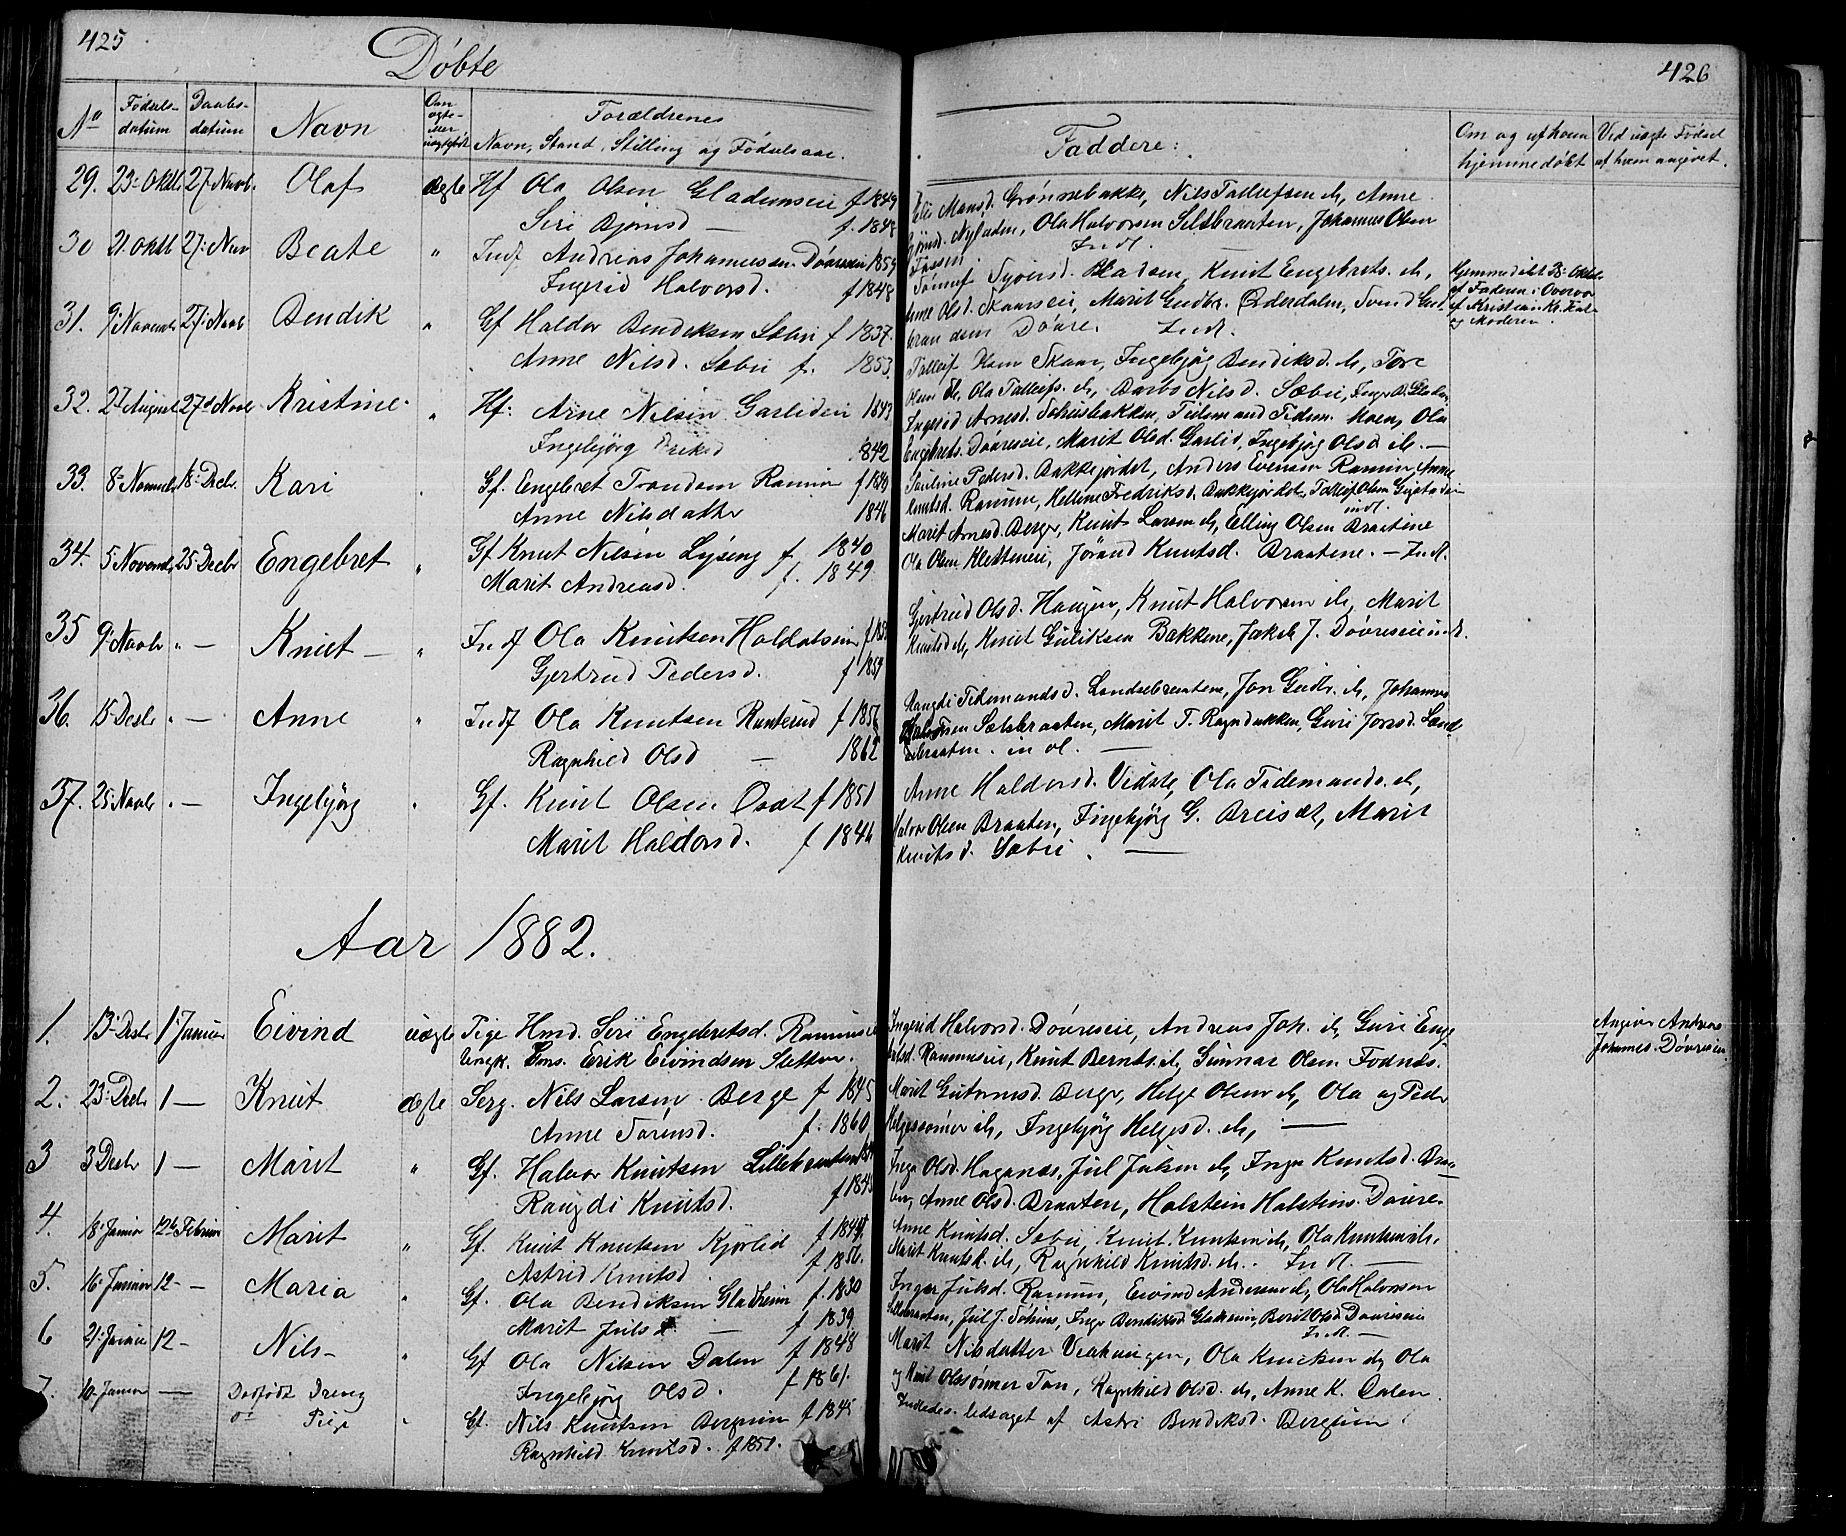 SAH, Nord-Aurdal prestekontor, Klokkerbok nr. 1, 1834-1887, s. 425-426